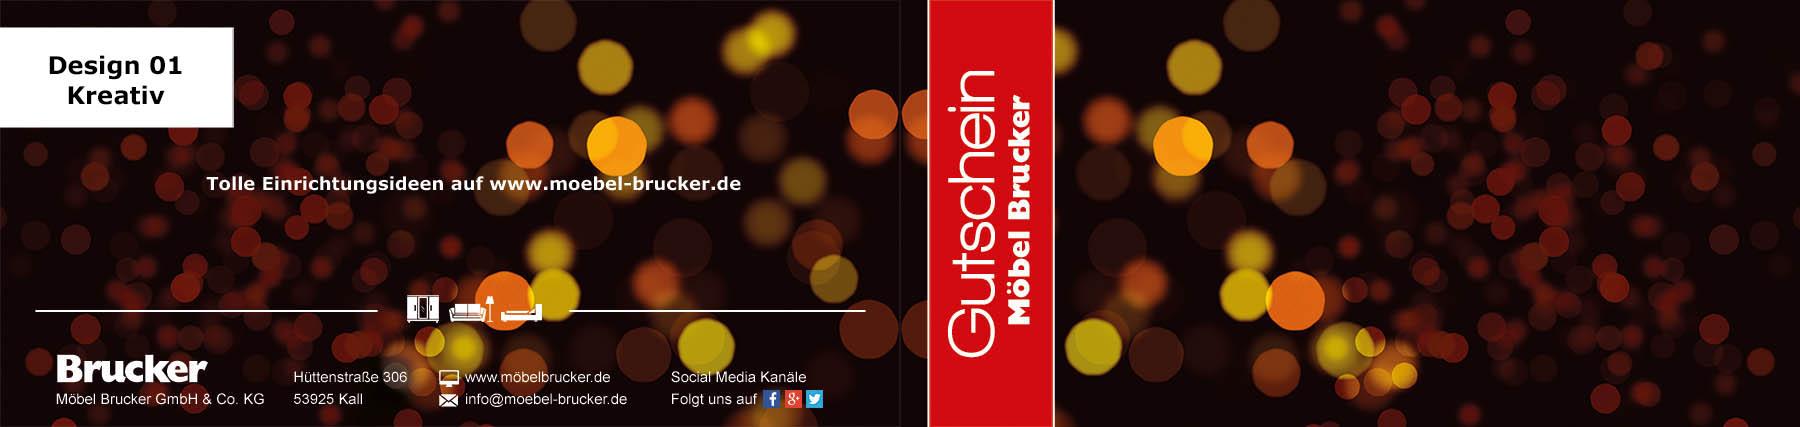 Gutschein-Designs-1